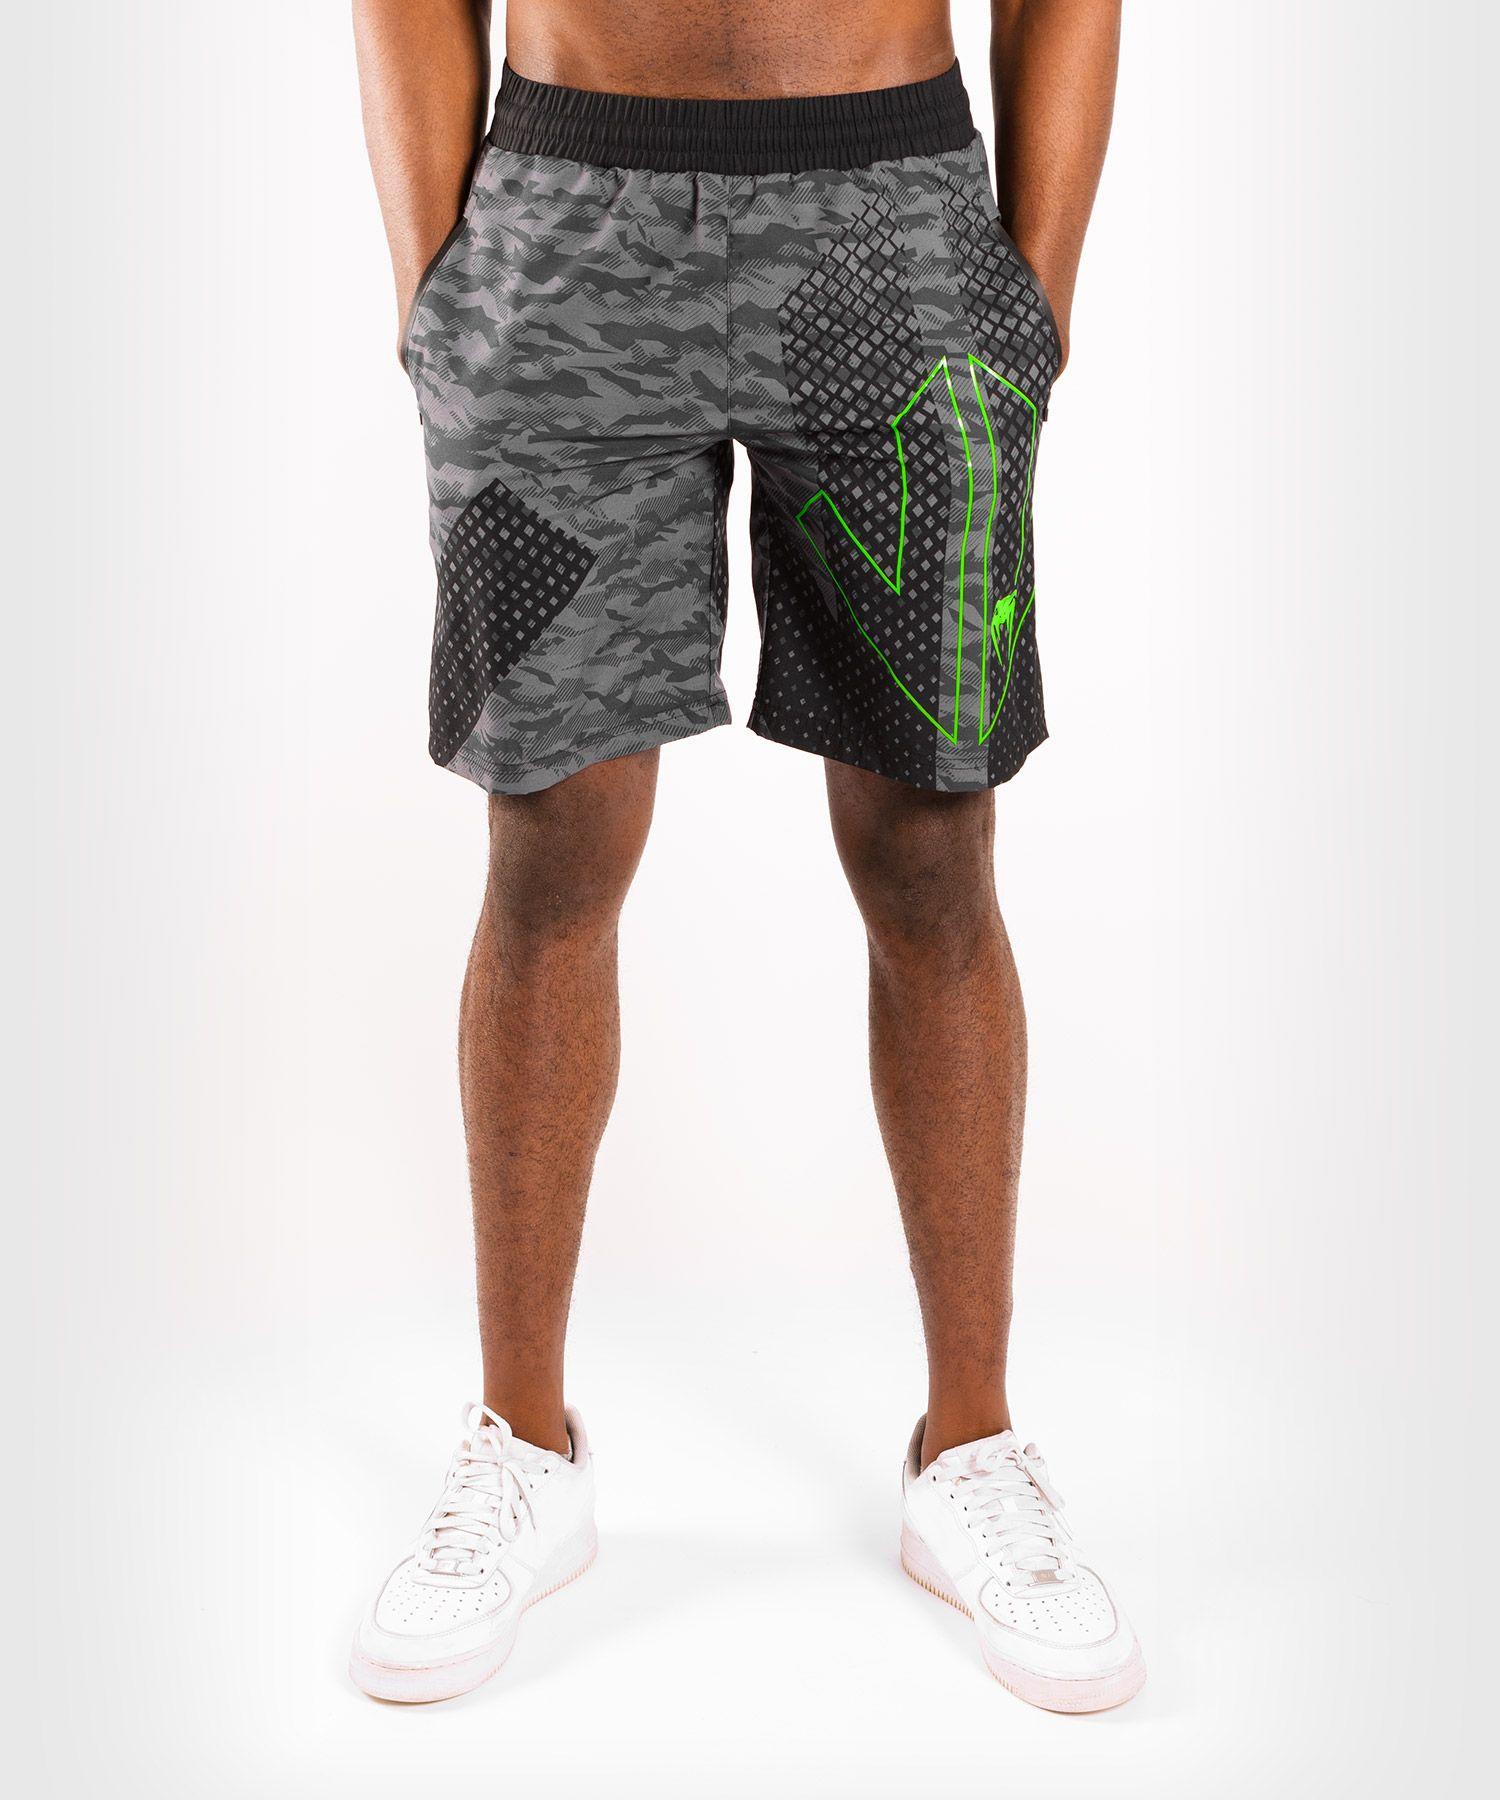 Venum Arrow Loma Signature Collezione Sport Shorts - Camo